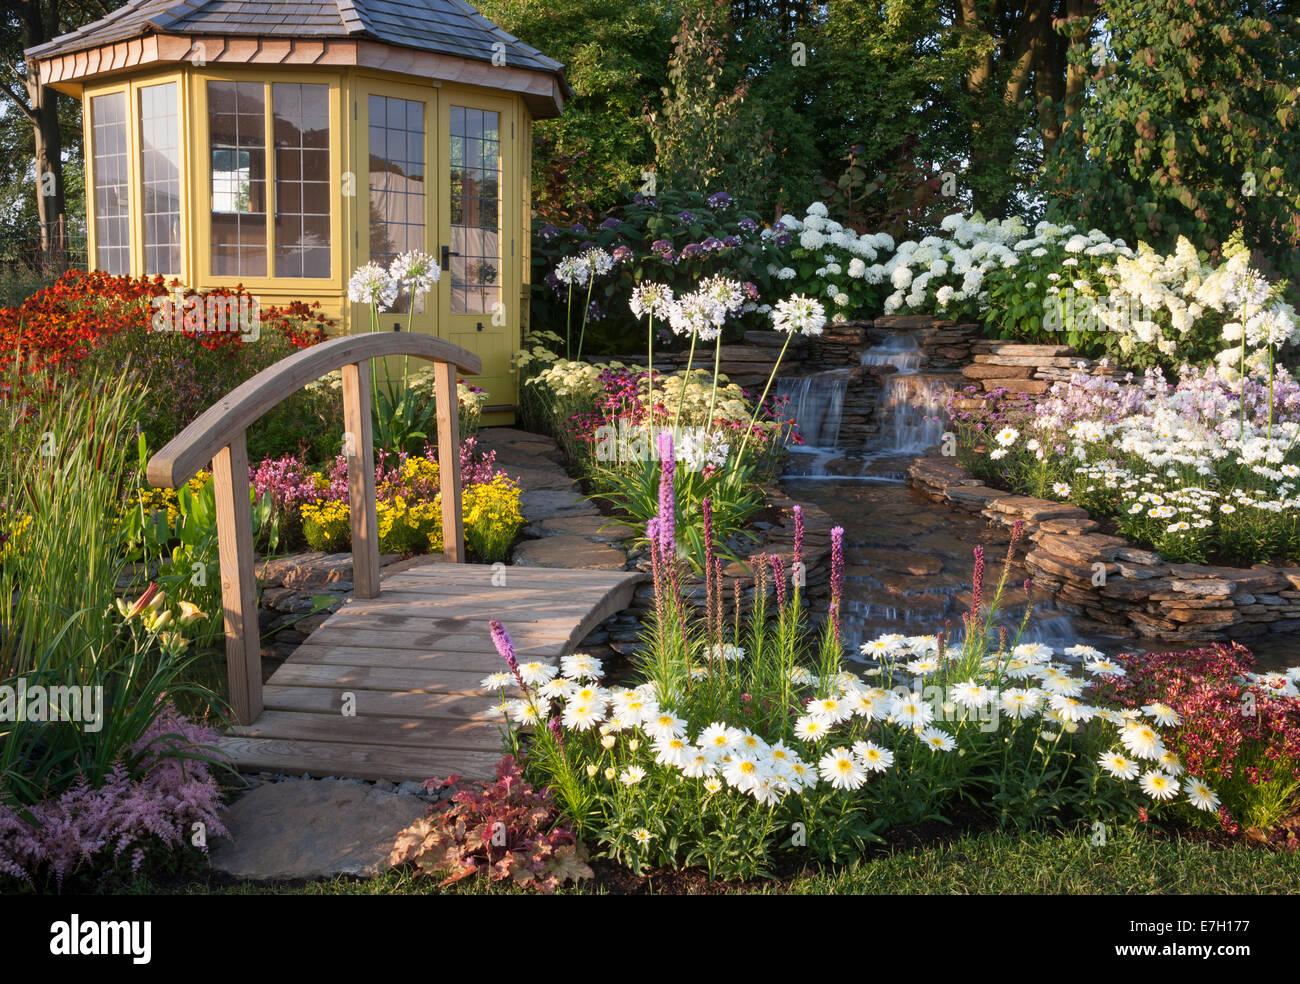 le jardin le jardin d 39 eau un pavillon d 39 c t d 39 une chute d 39 eau avec petit pont en bois et. Black Bedroom Furniture Sets. Home Design Ideas